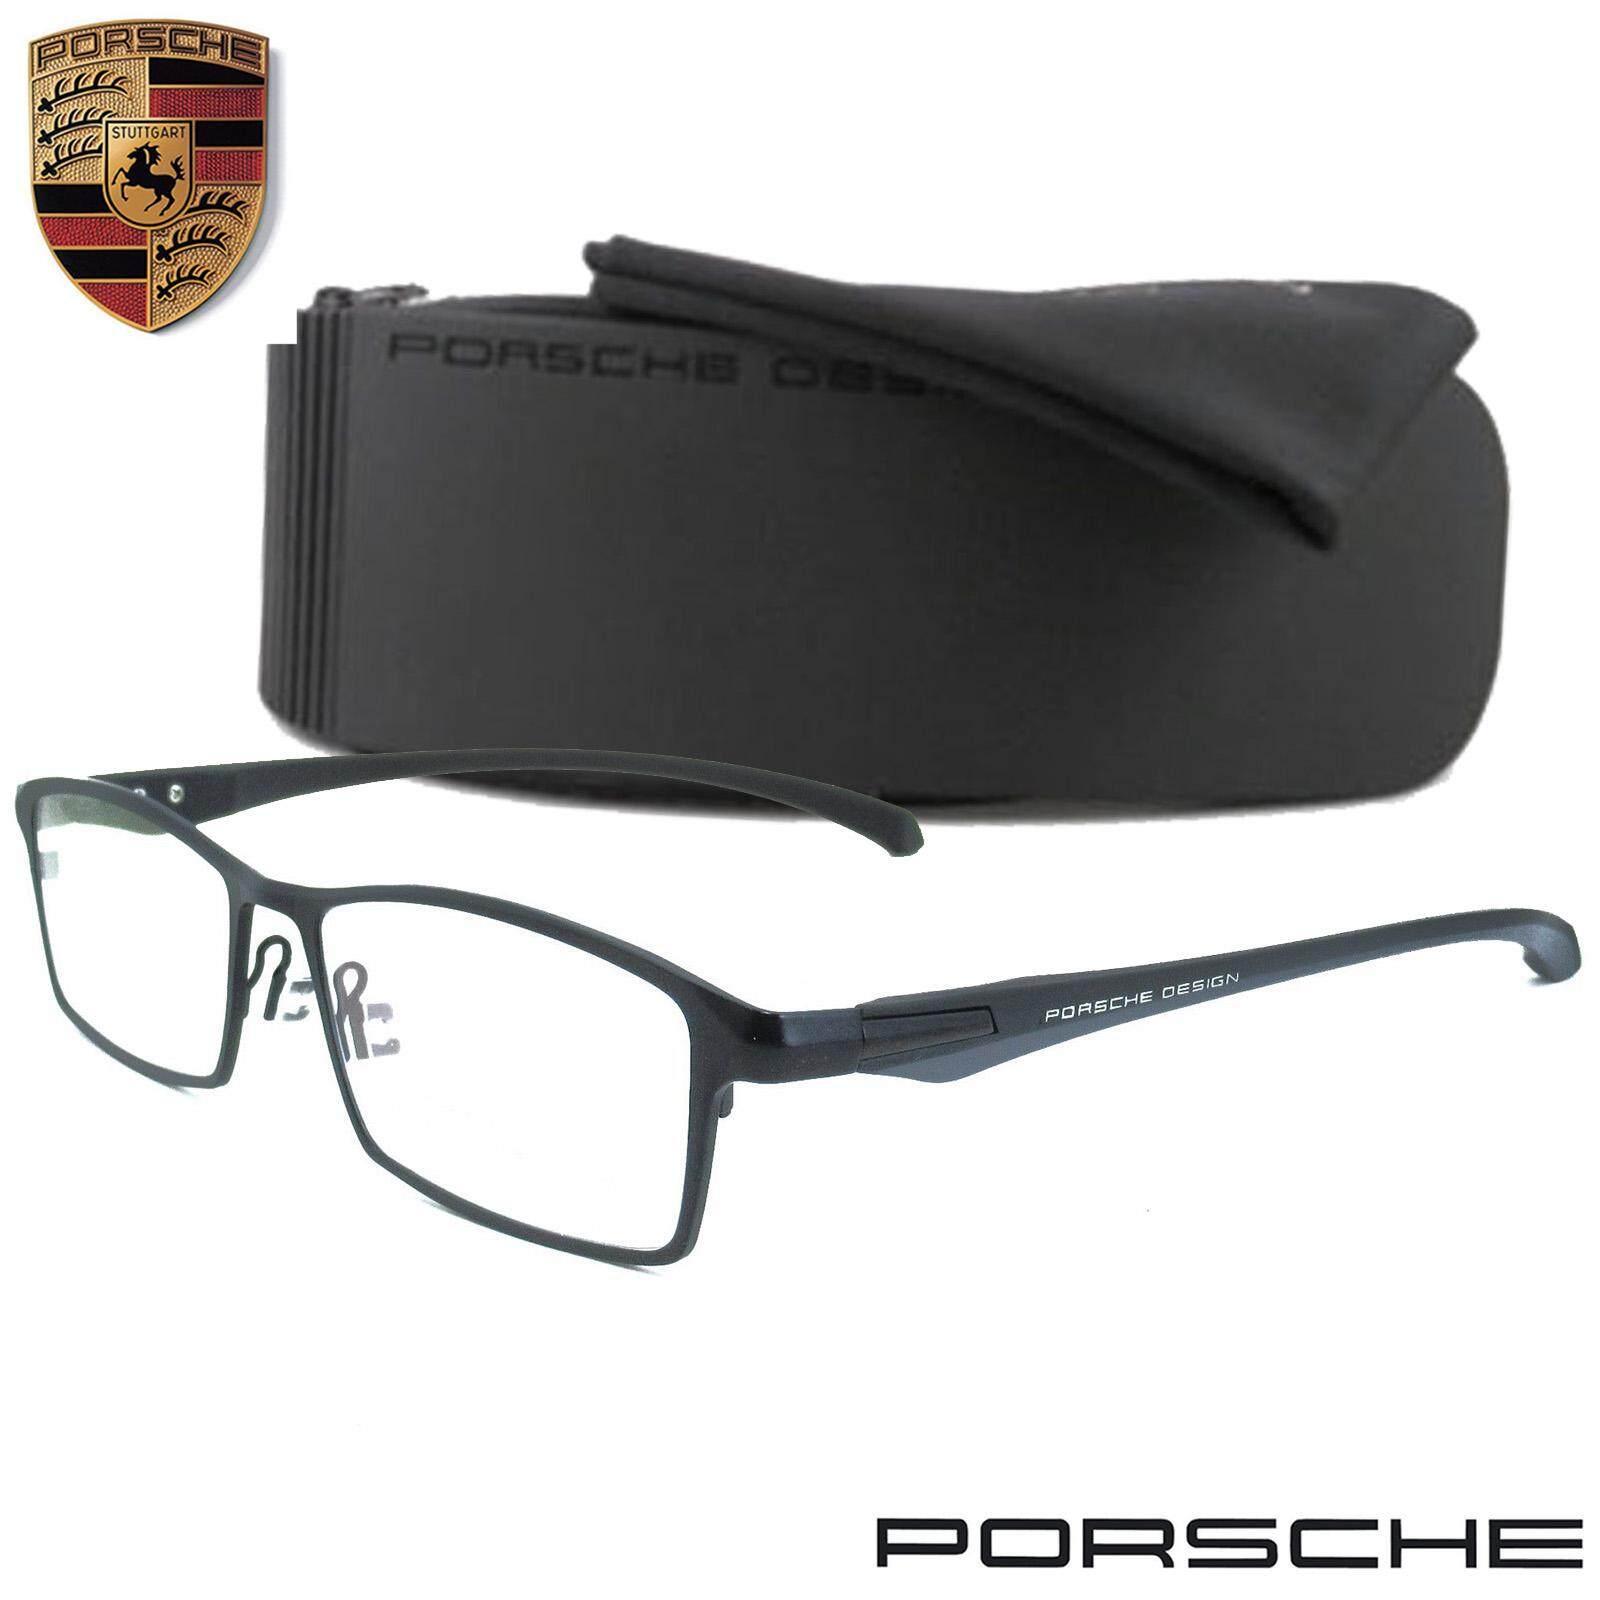 ซื้อ Porsche Design แว่นตา รุ่น P 9064 ทรงสปอร์ต วัสดุ สแตนเลสสตีล หรือเหล็กกล้าไร้สนิม Stainless Steel ขาข้อต่อ กรอบแว่นตา ใหม่